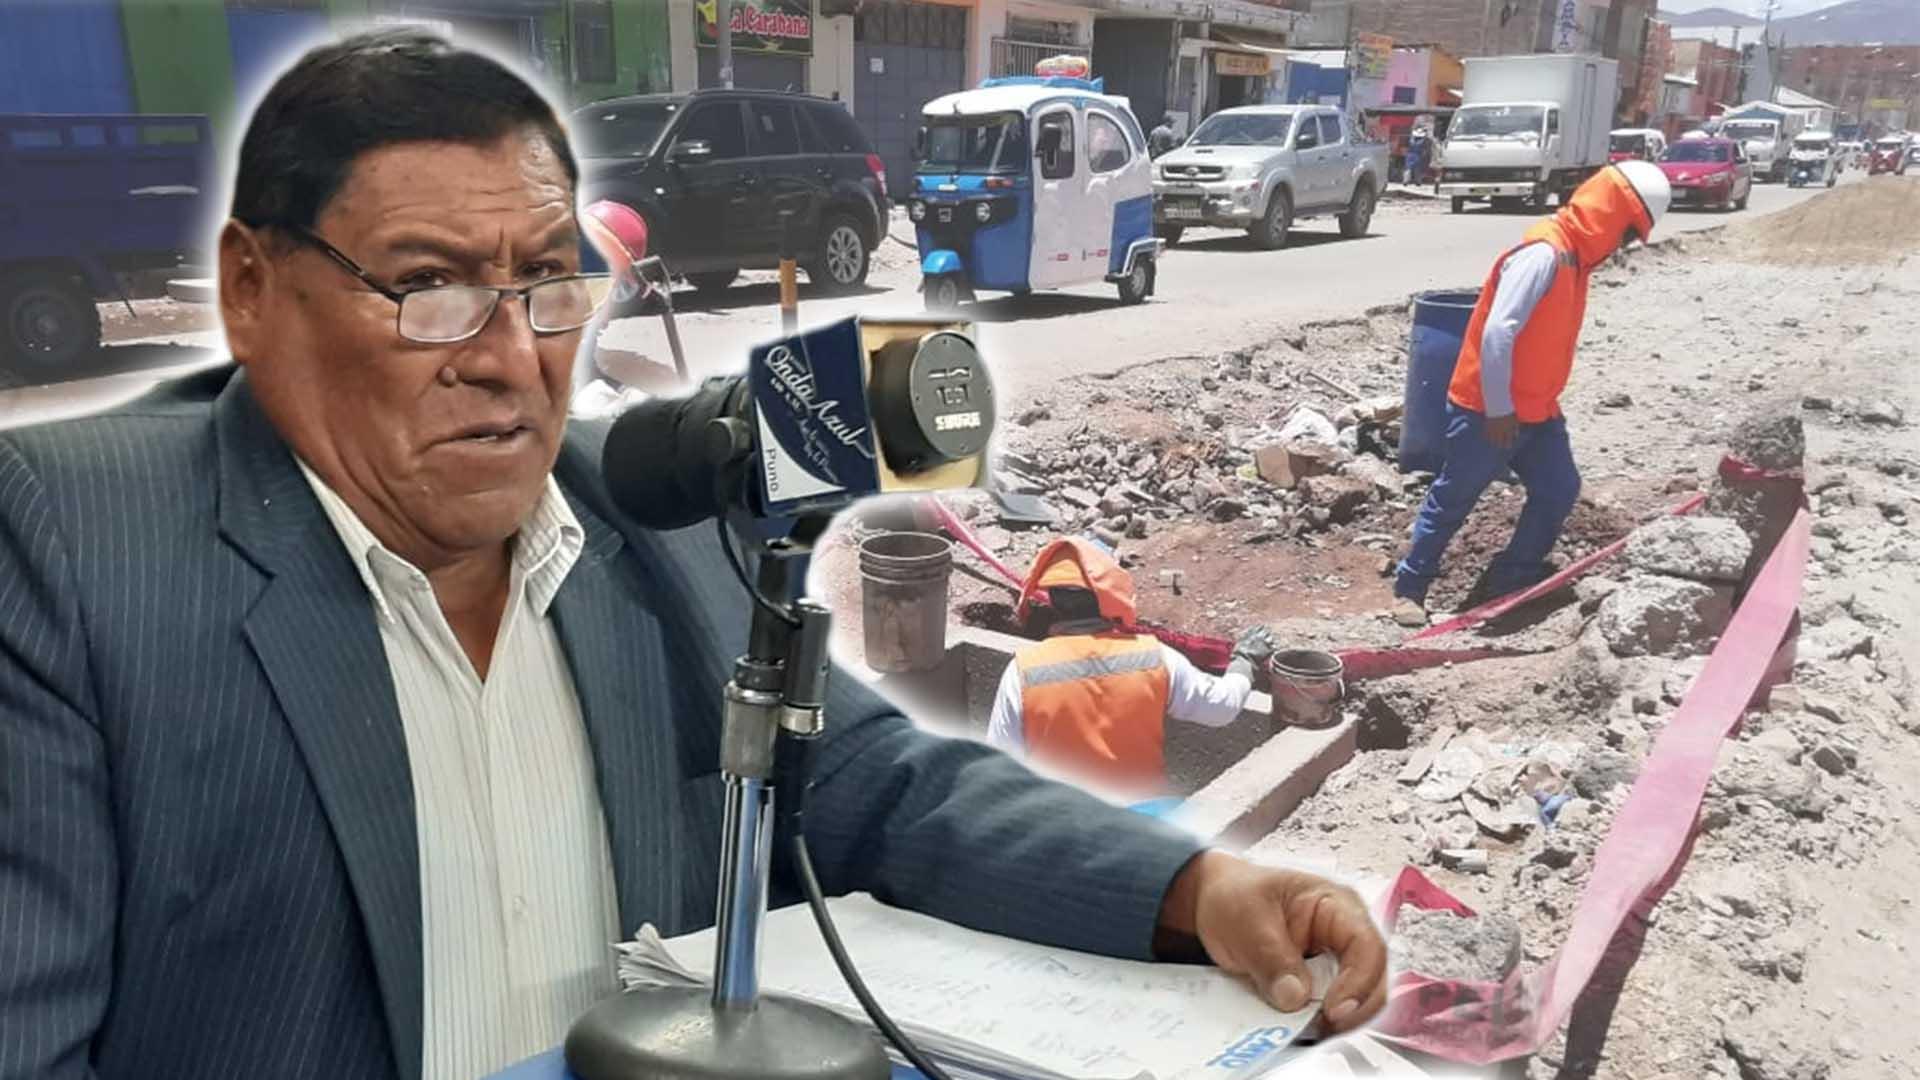 Regidor de la Municipalidad de Puno afirma que avenida Simón Bolívar será concluido para el 2 de febrero - Radio Onda Azul